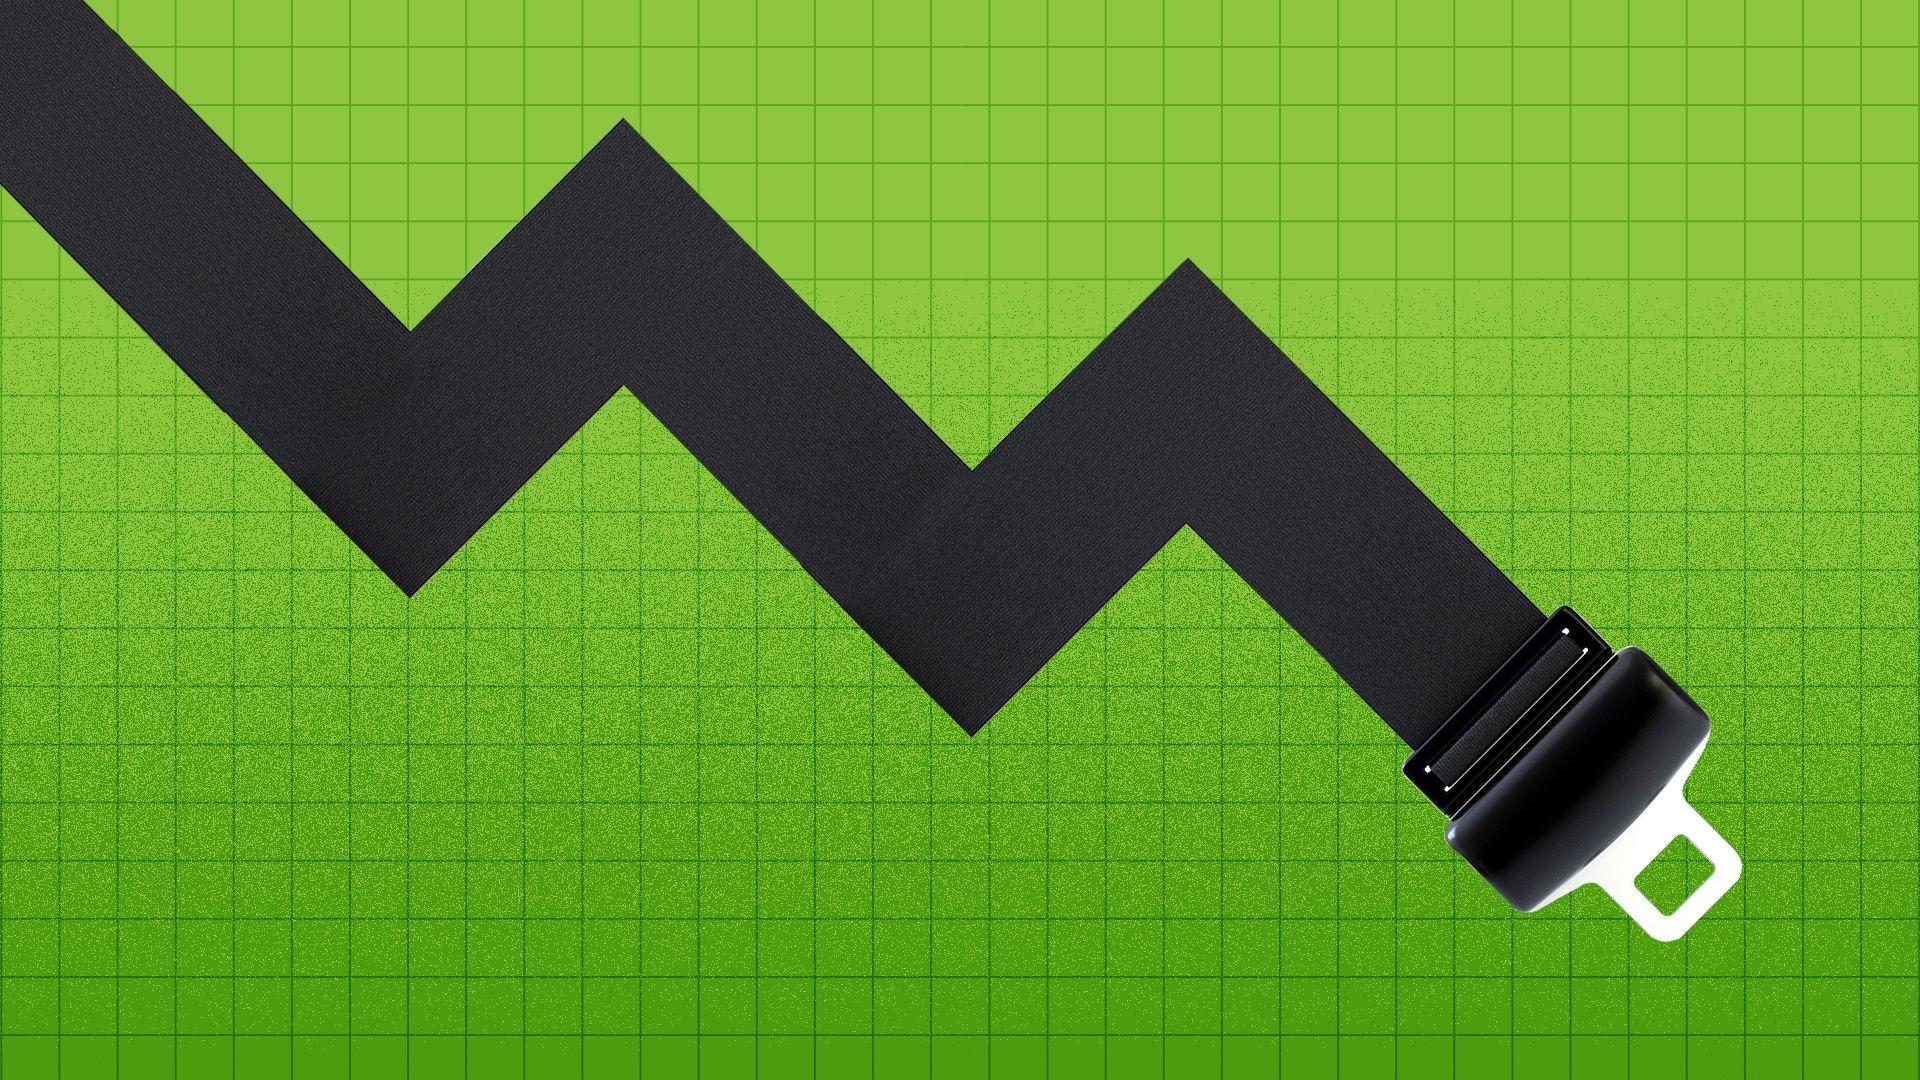 Illustration of a seat belt in the shape of a downward trending market line